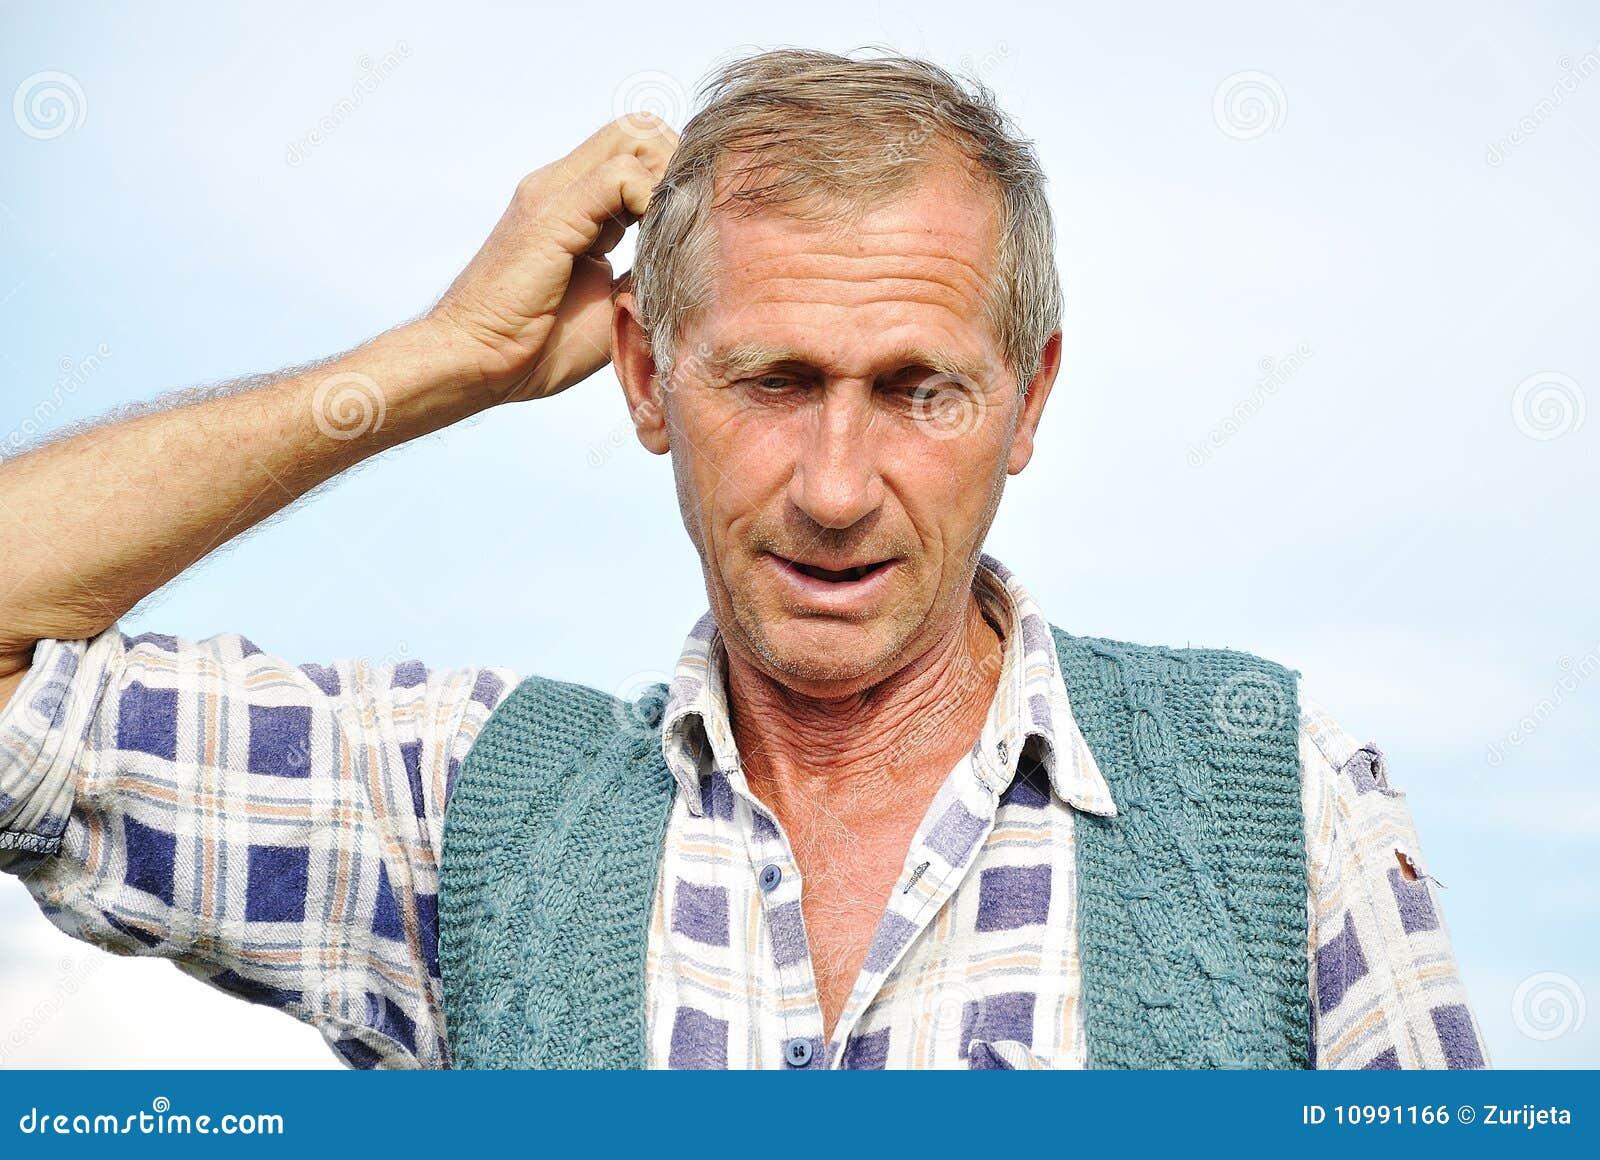 Persona masculina envejecida media con gestos interesantes